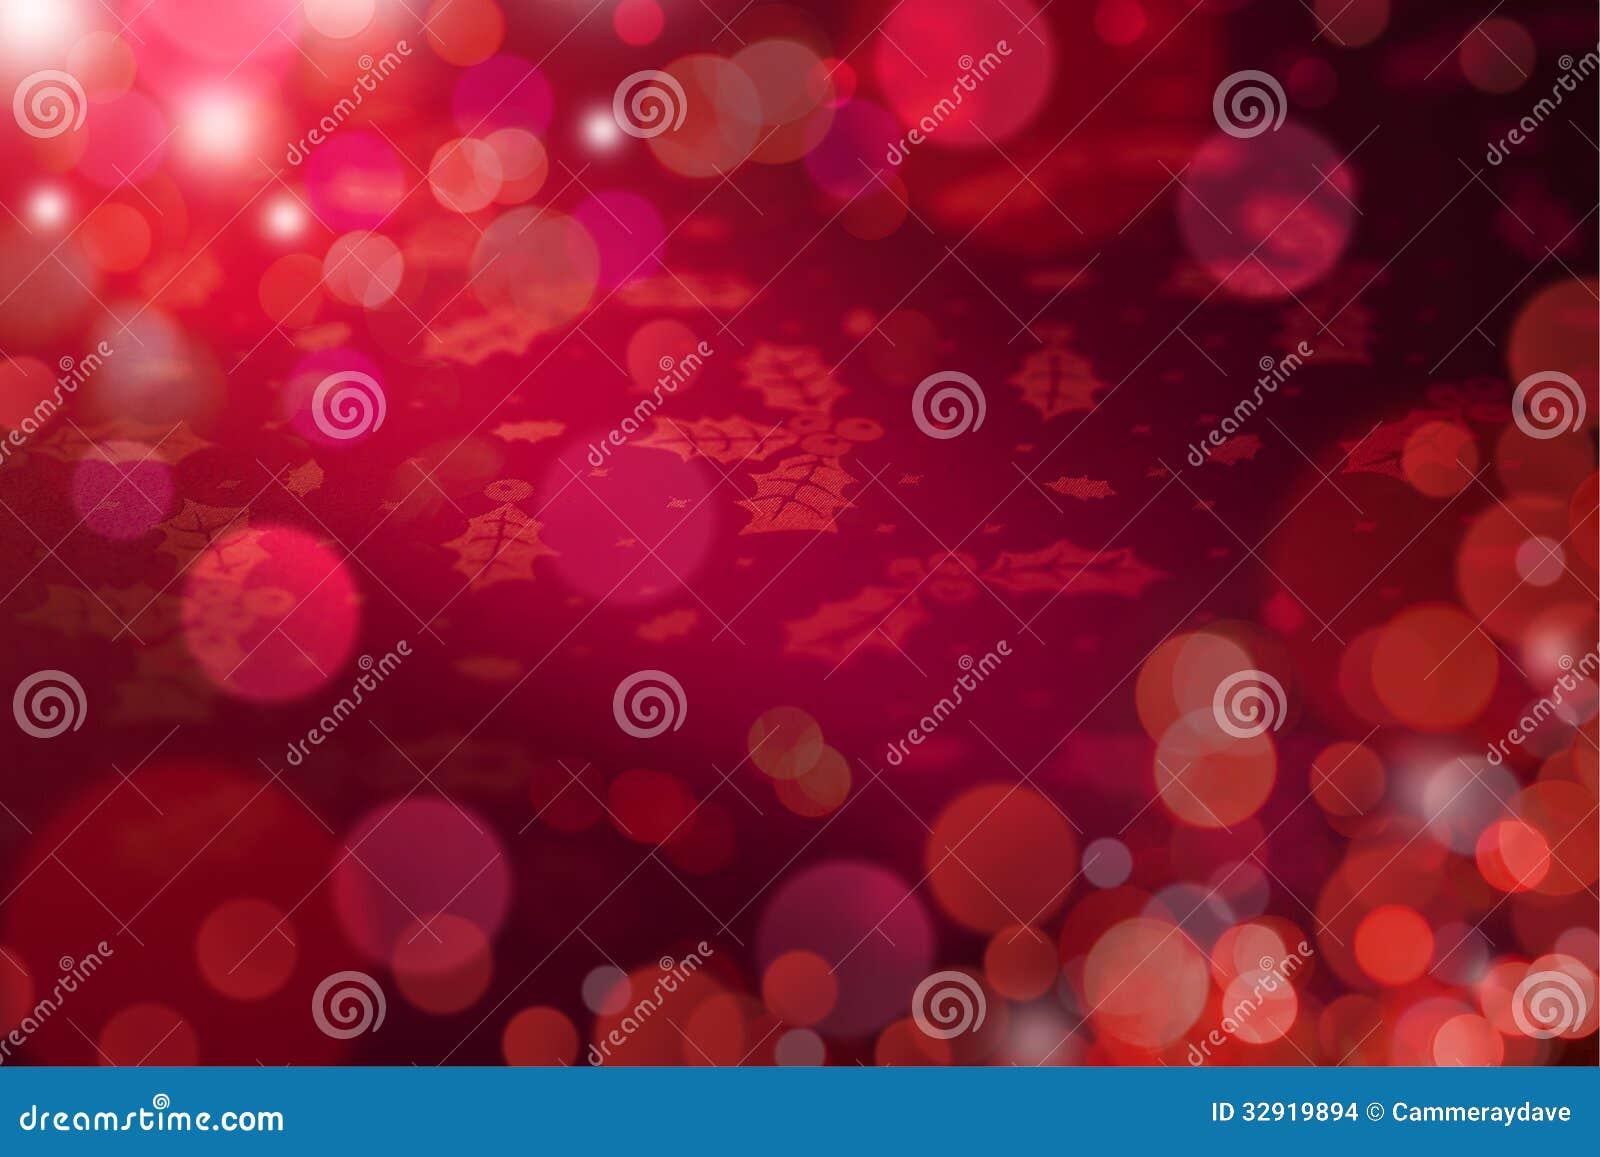 Fond abstrait rouge de lumières de Noël